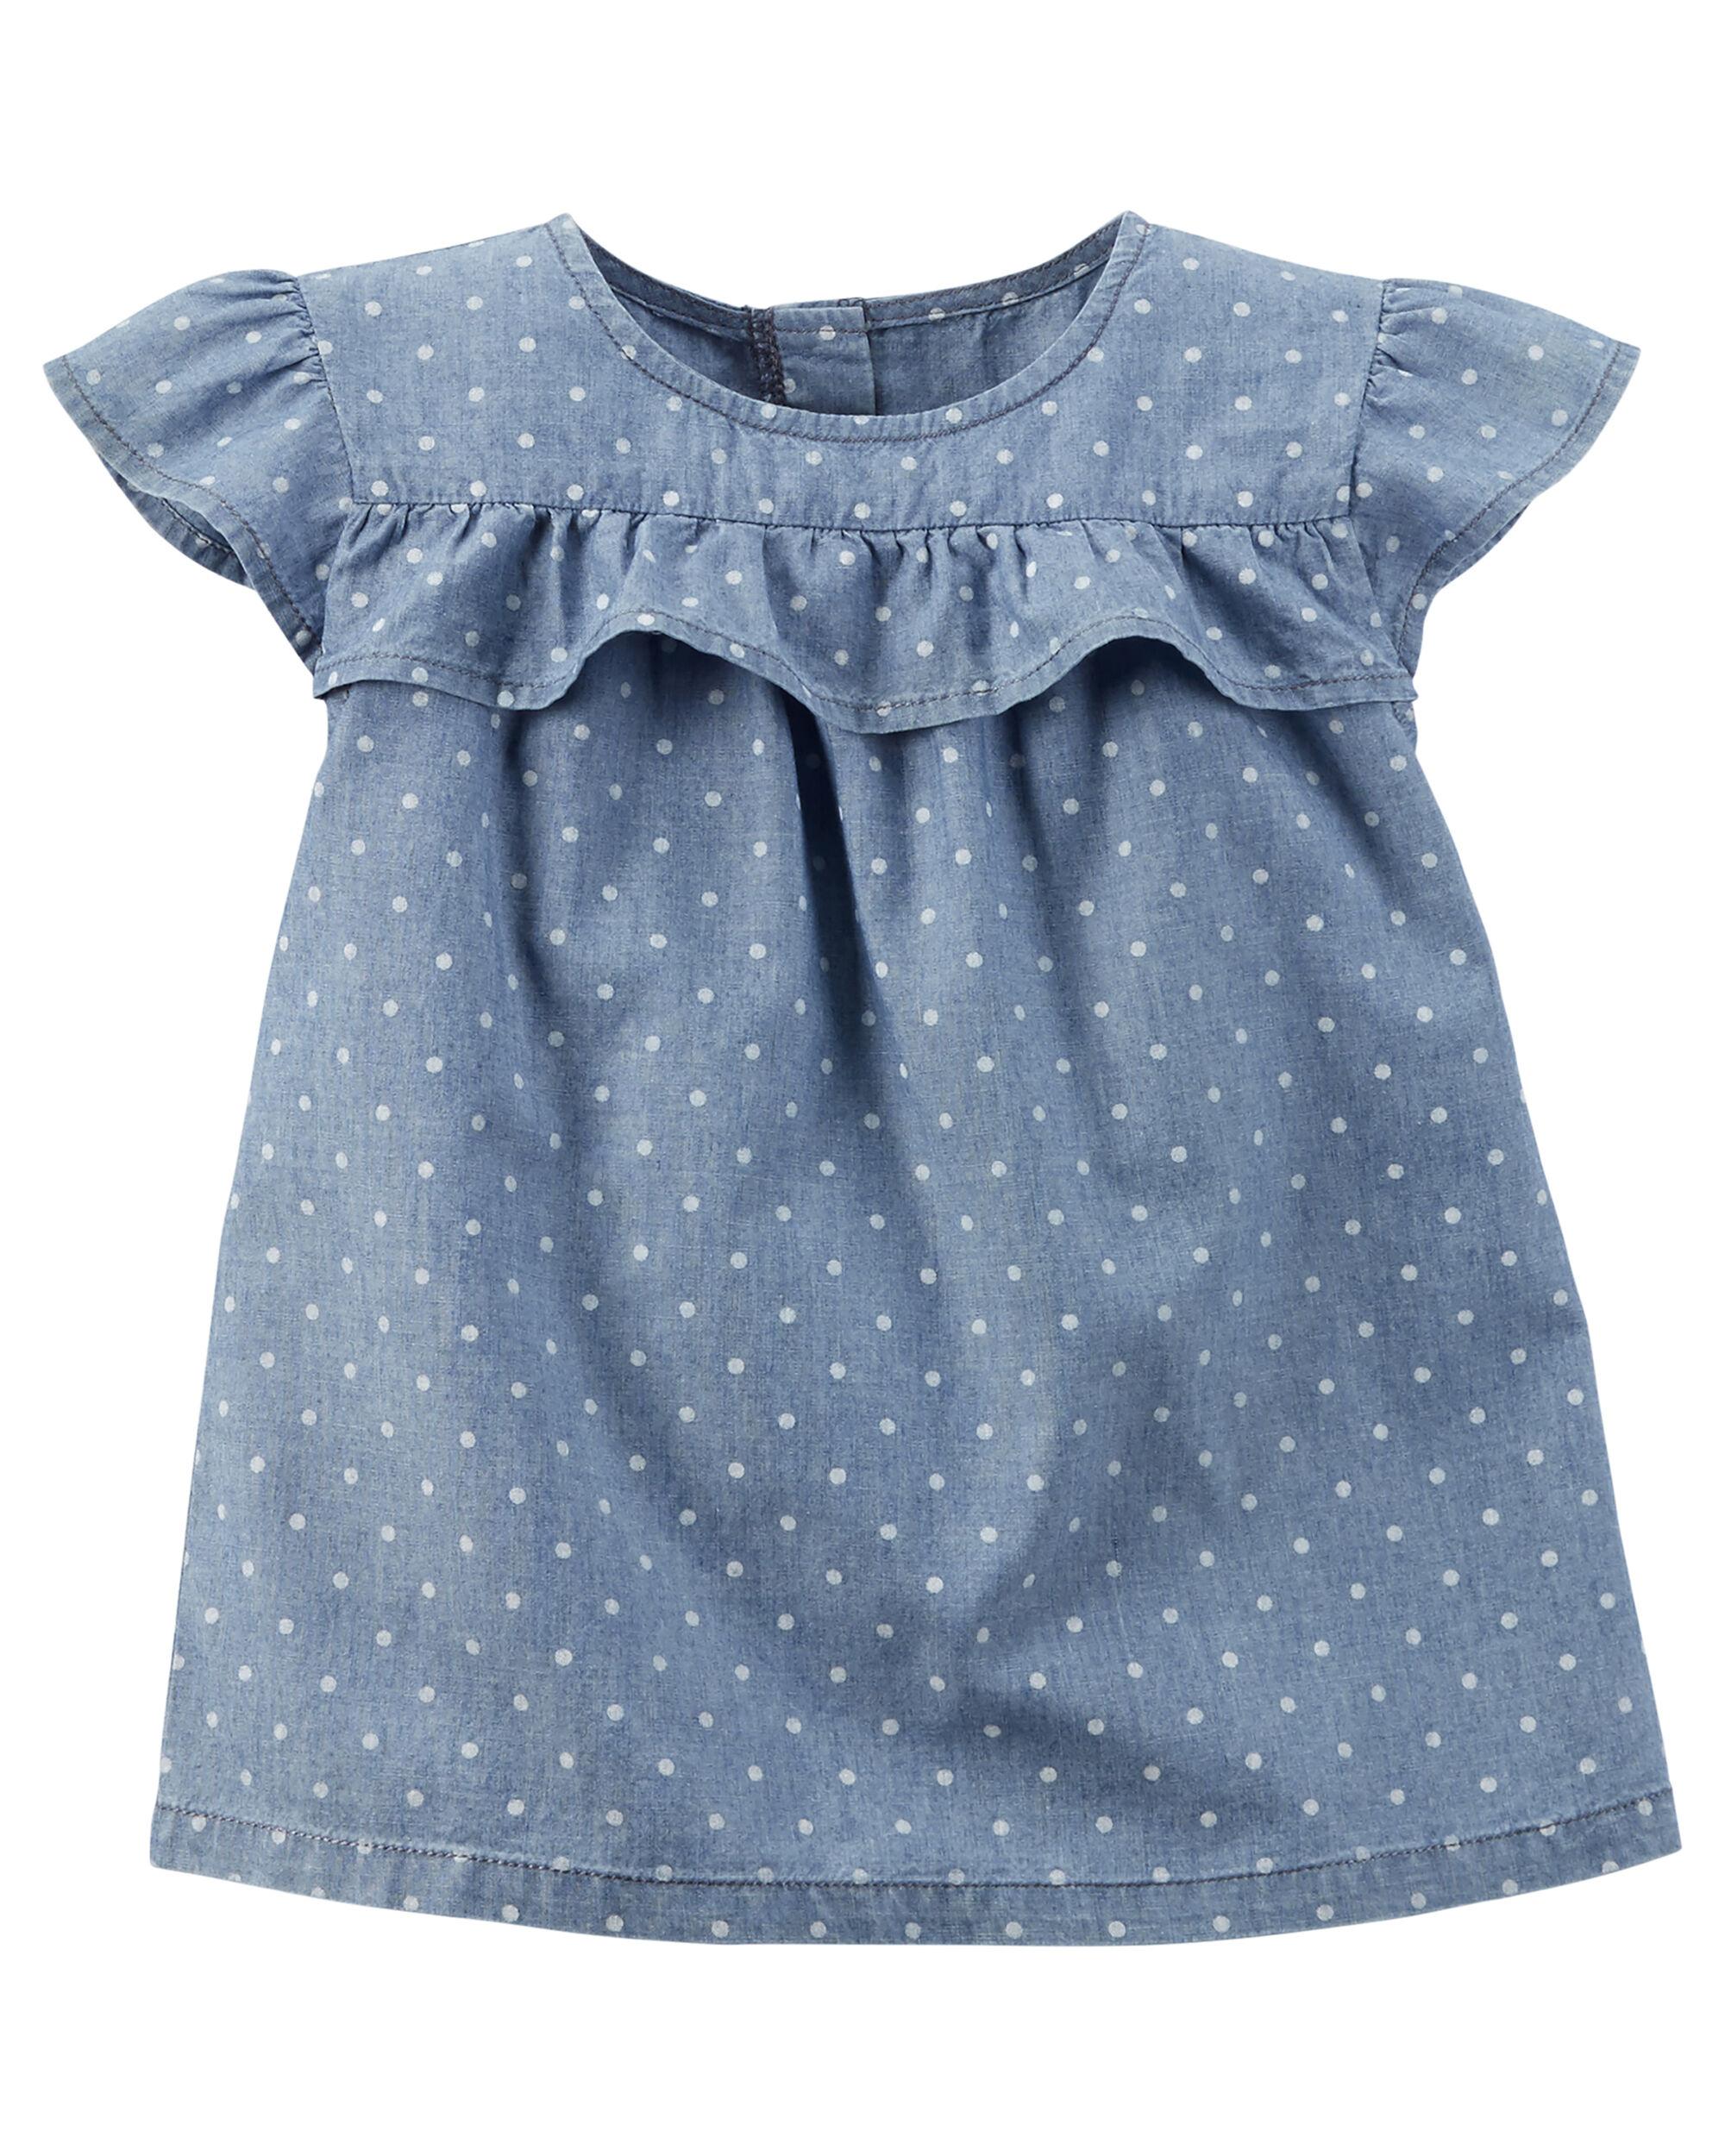 Baby Girl Polka Dot Chambray Top